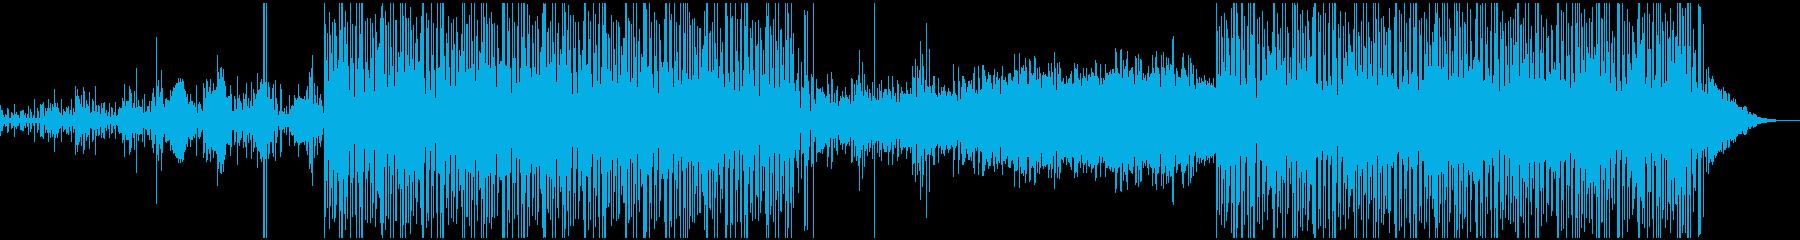 ディキシーランド ラグタイム ドラ...の再生済みの波形